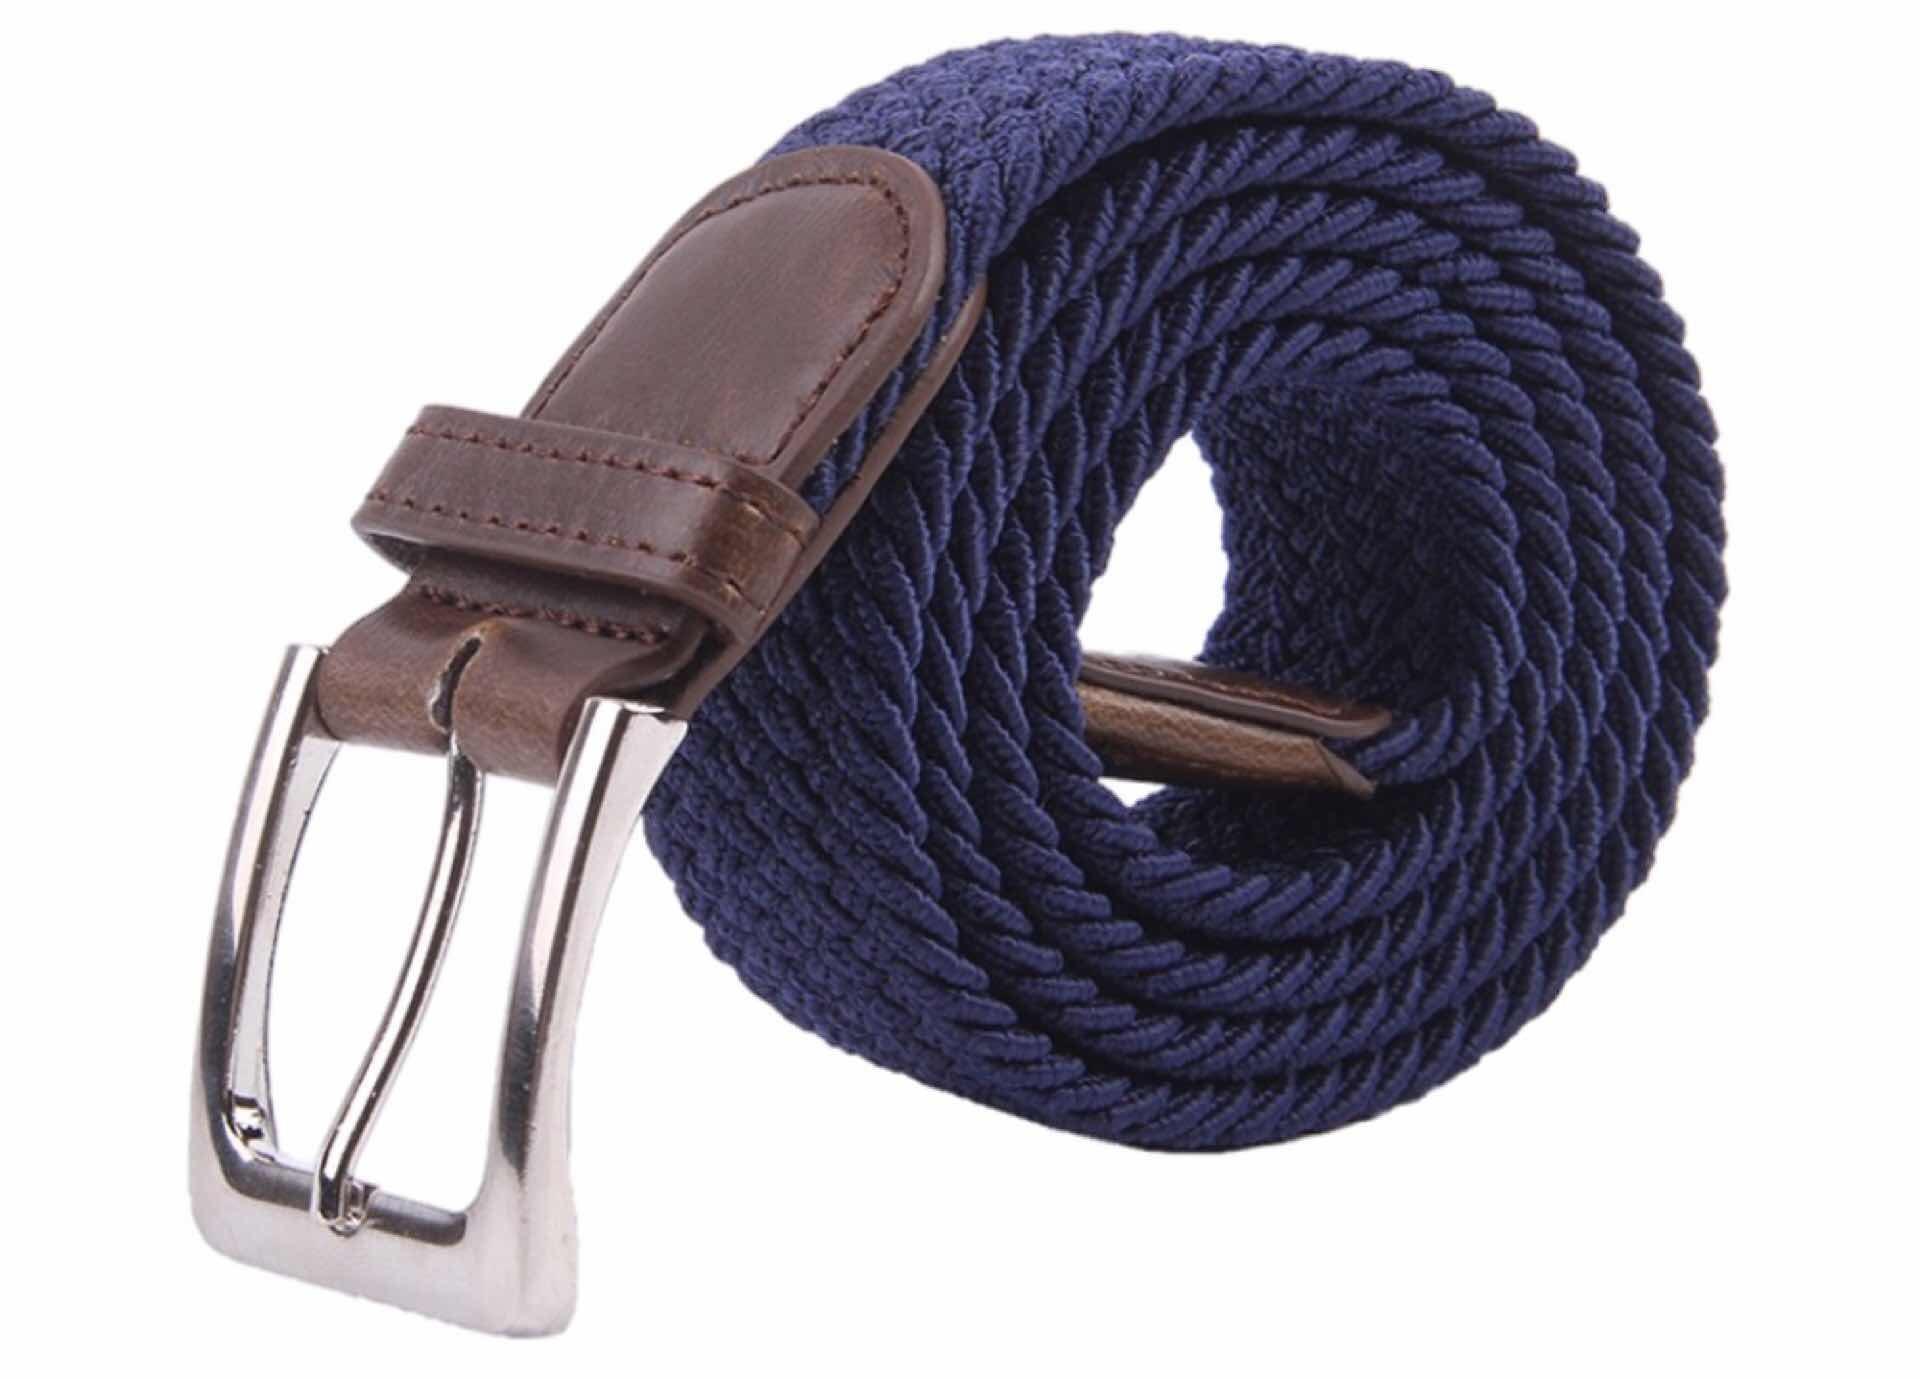 Gelante elastic fabric belt. ($10)